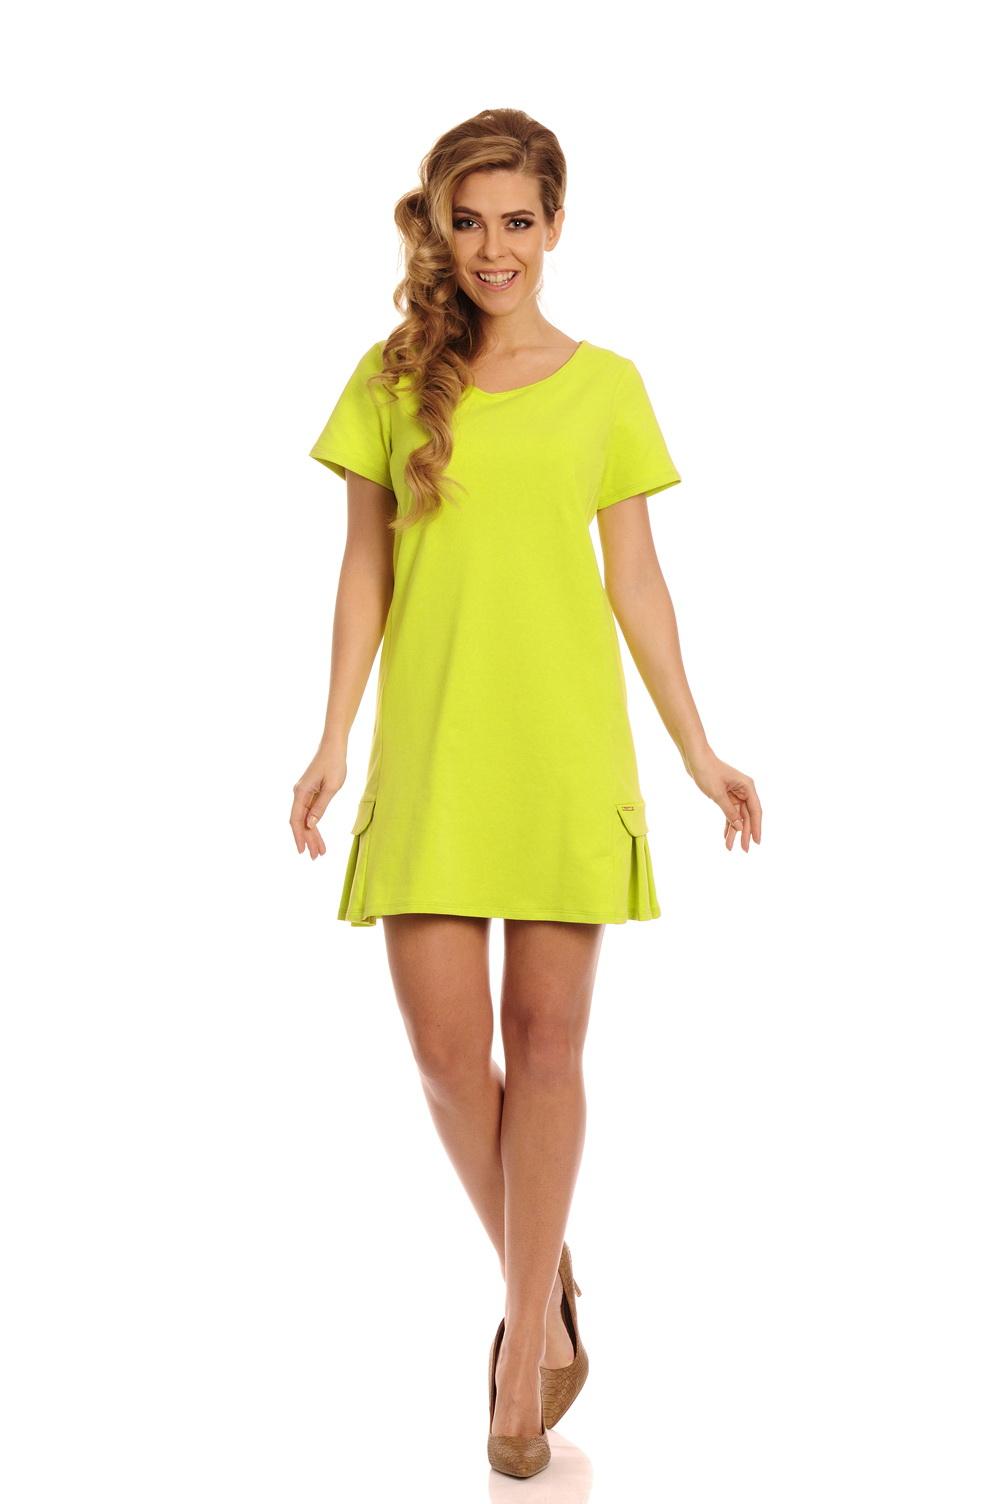 Bavlněné šaty se skladem, limeta, M